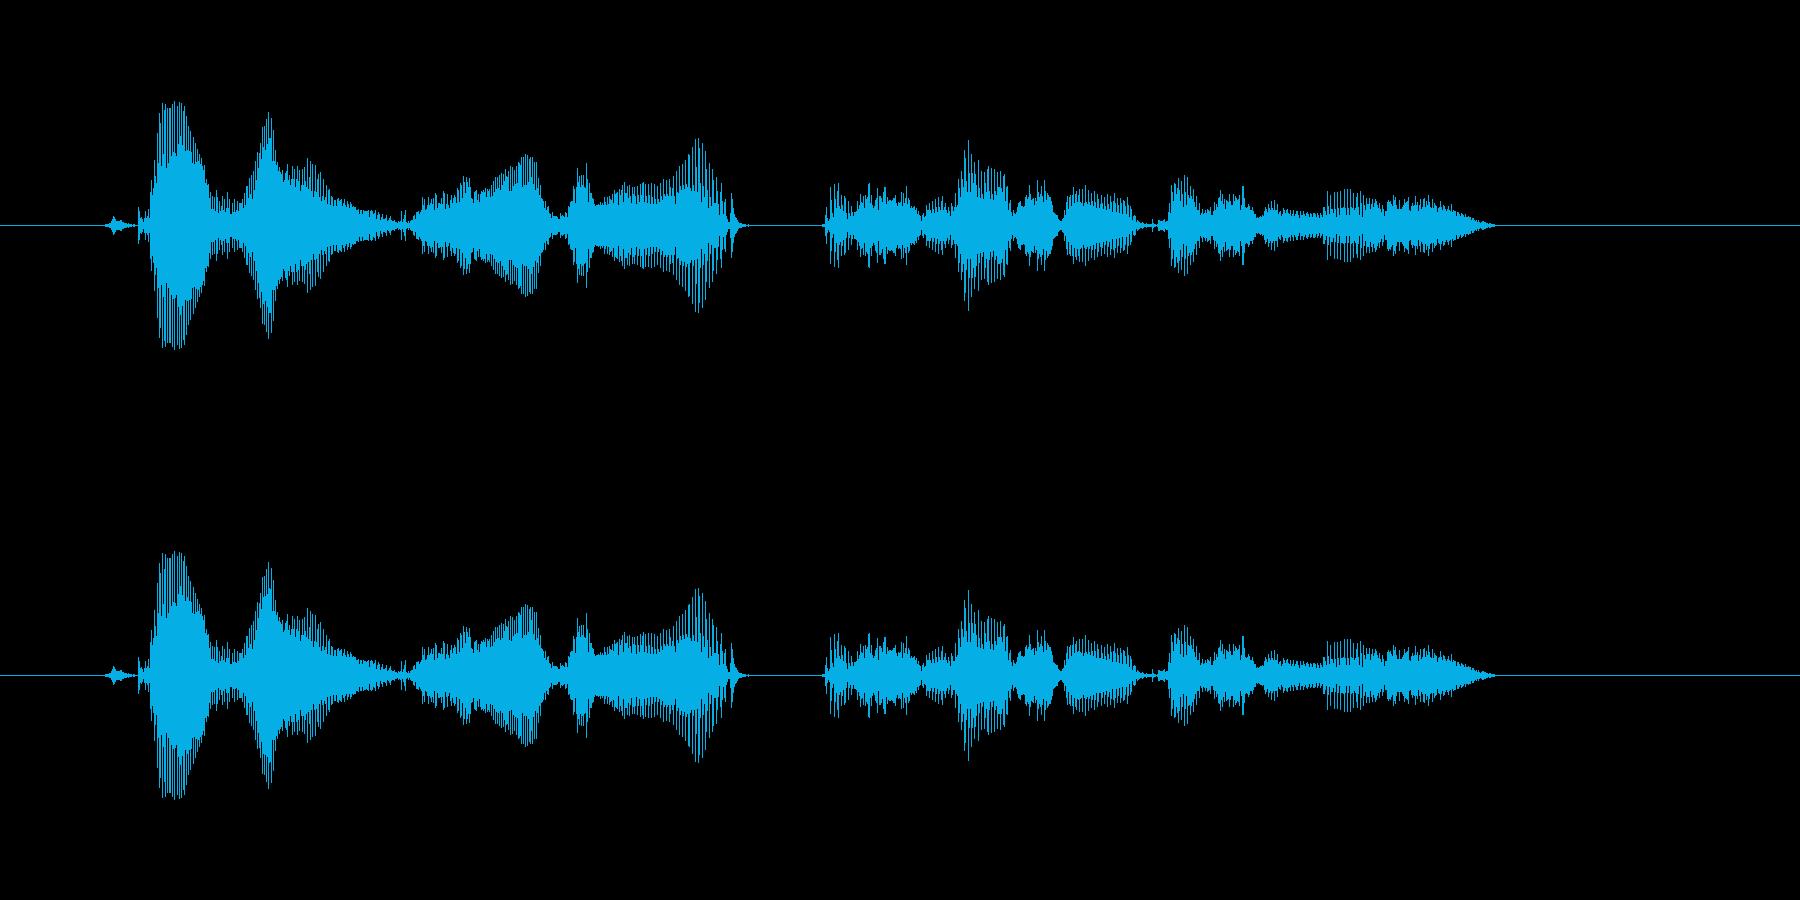 【時報・時間】午前10時を、お知らせい…の再生済みの波形